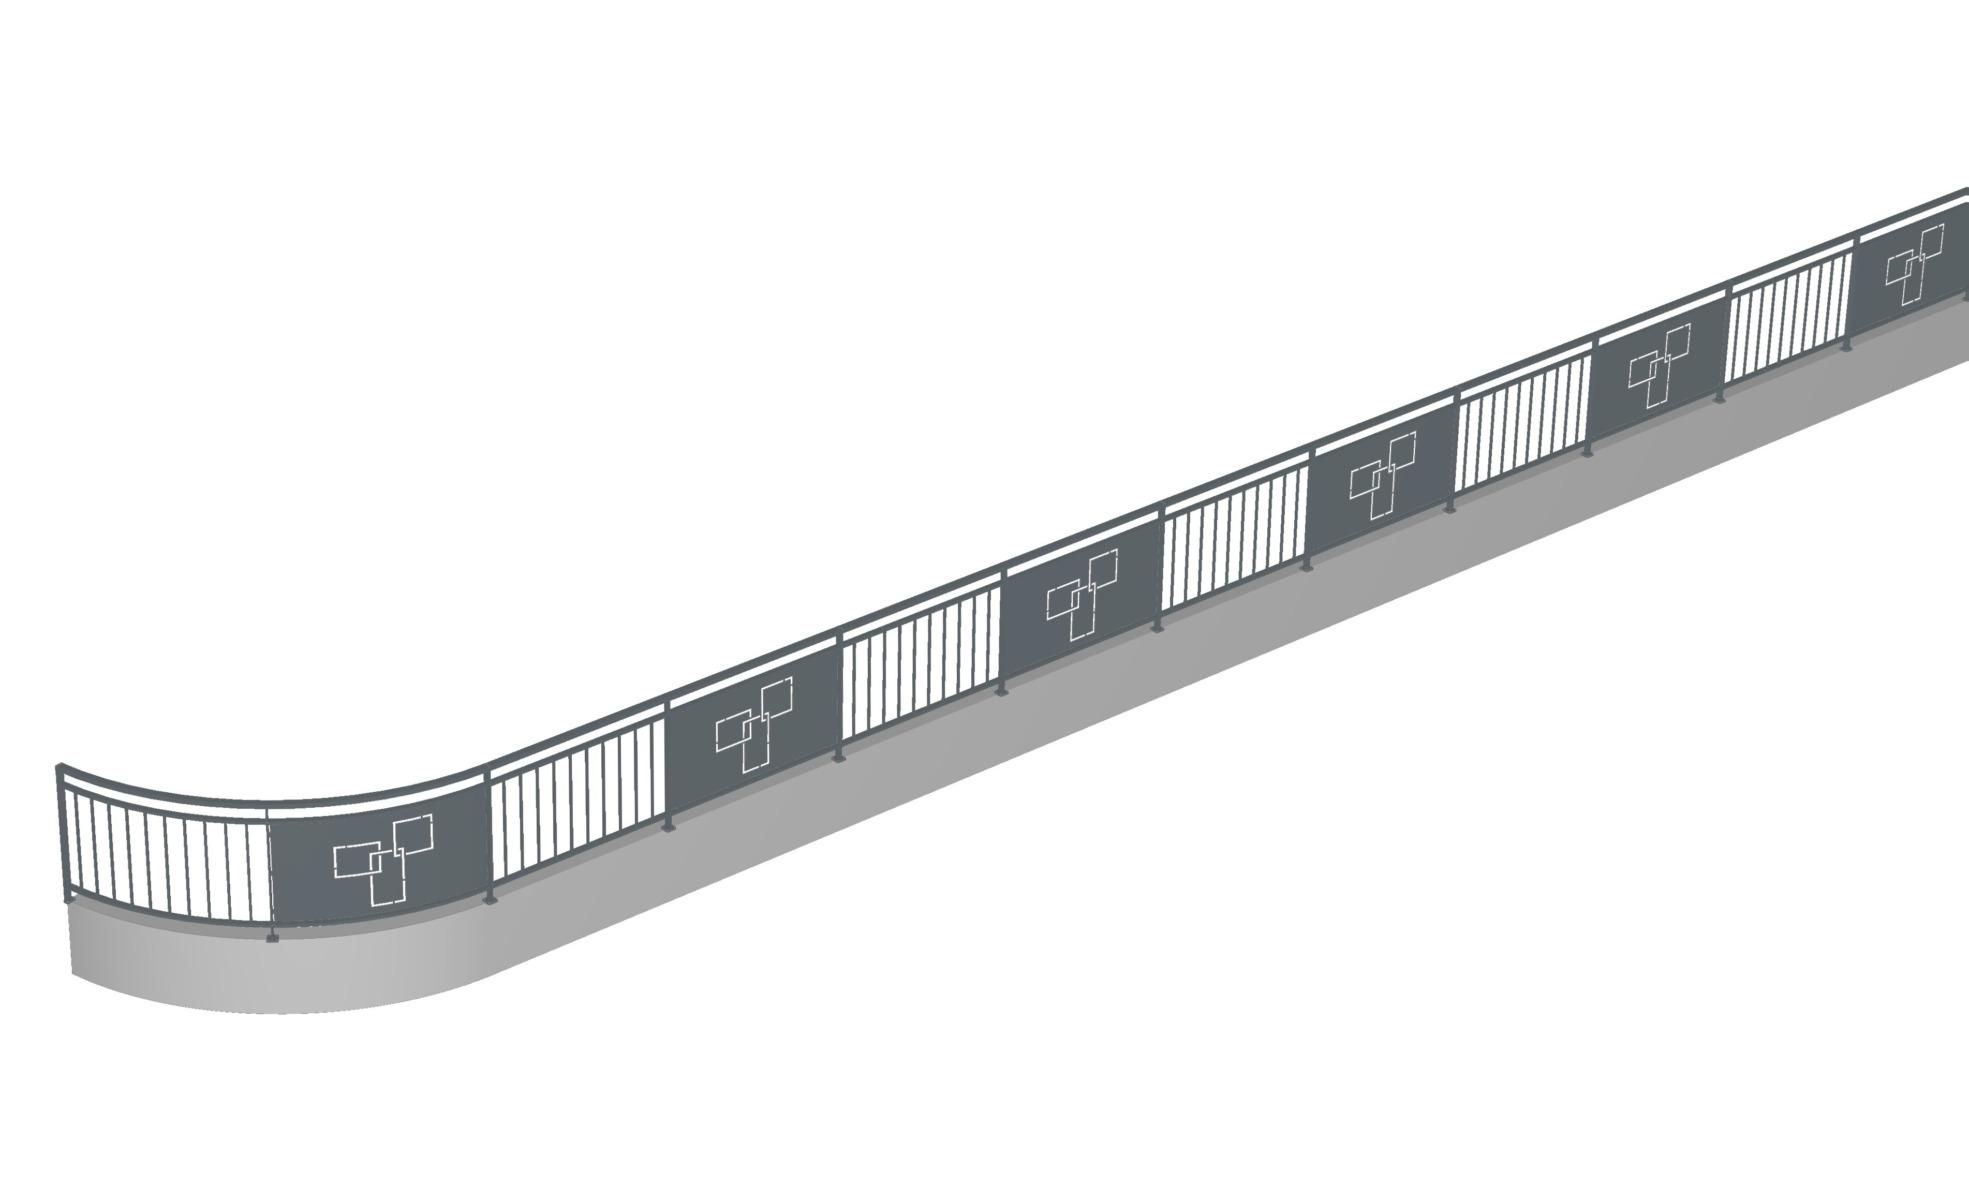 Garde corClôture-barrière-Isère-sur mesure-métal-arrondis-conception-barrière-Isère-sur mesure-métal-arrondi-conception